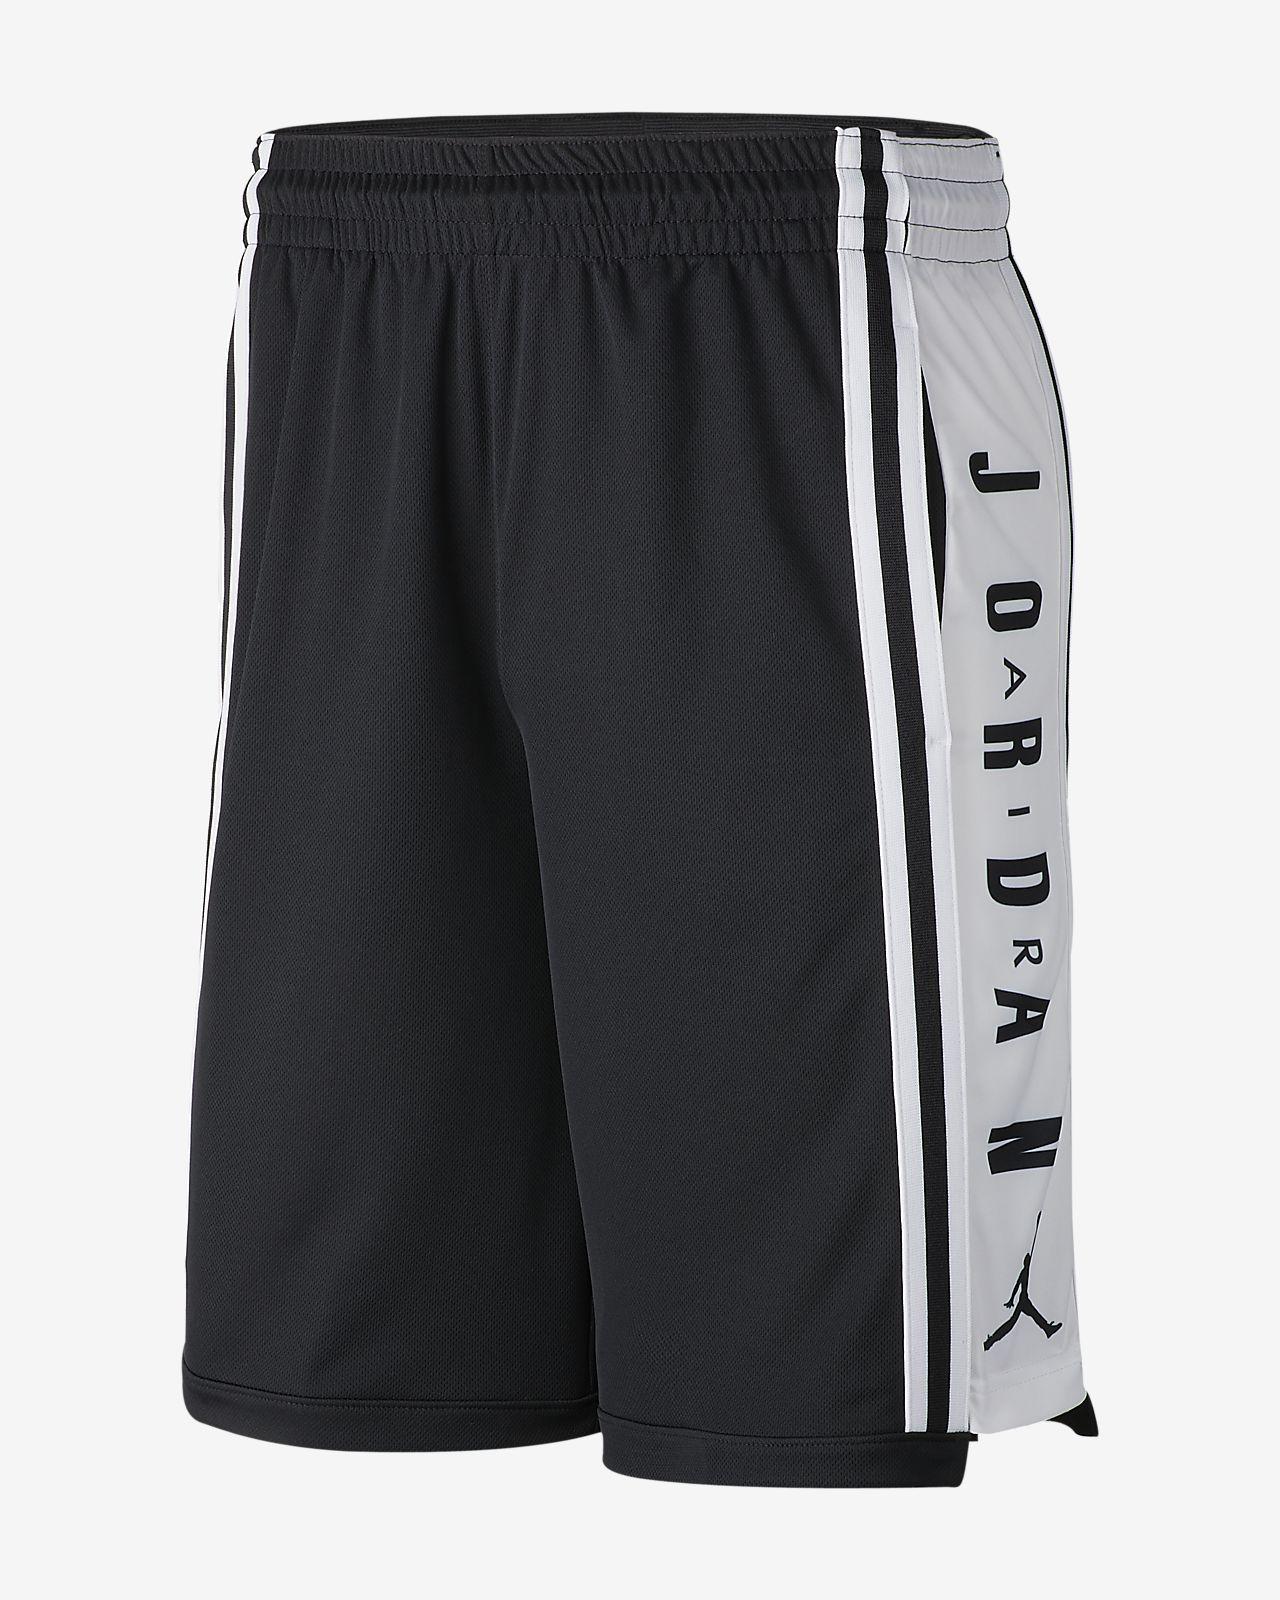 Мужские баскетбольные шорты Jordan